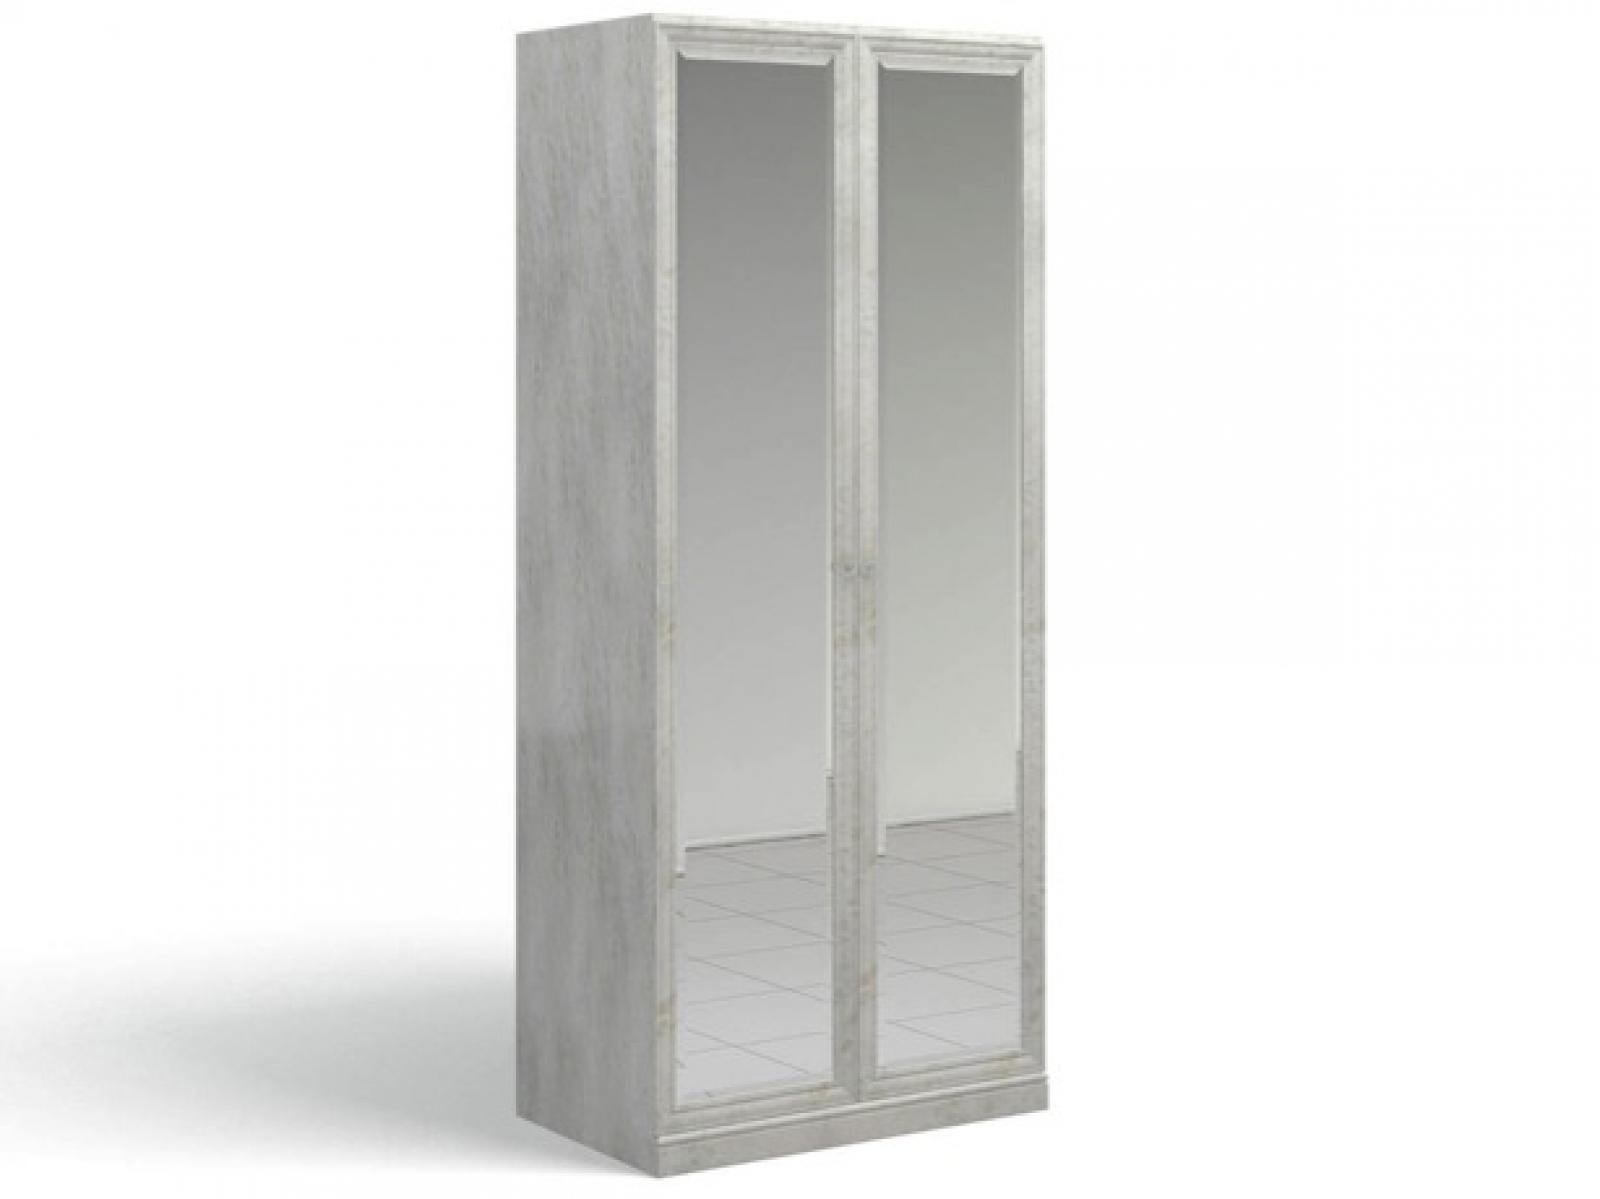 Ария Светлая Шкаф для одежды 2 зеркала 701.01ZZ-B - 1